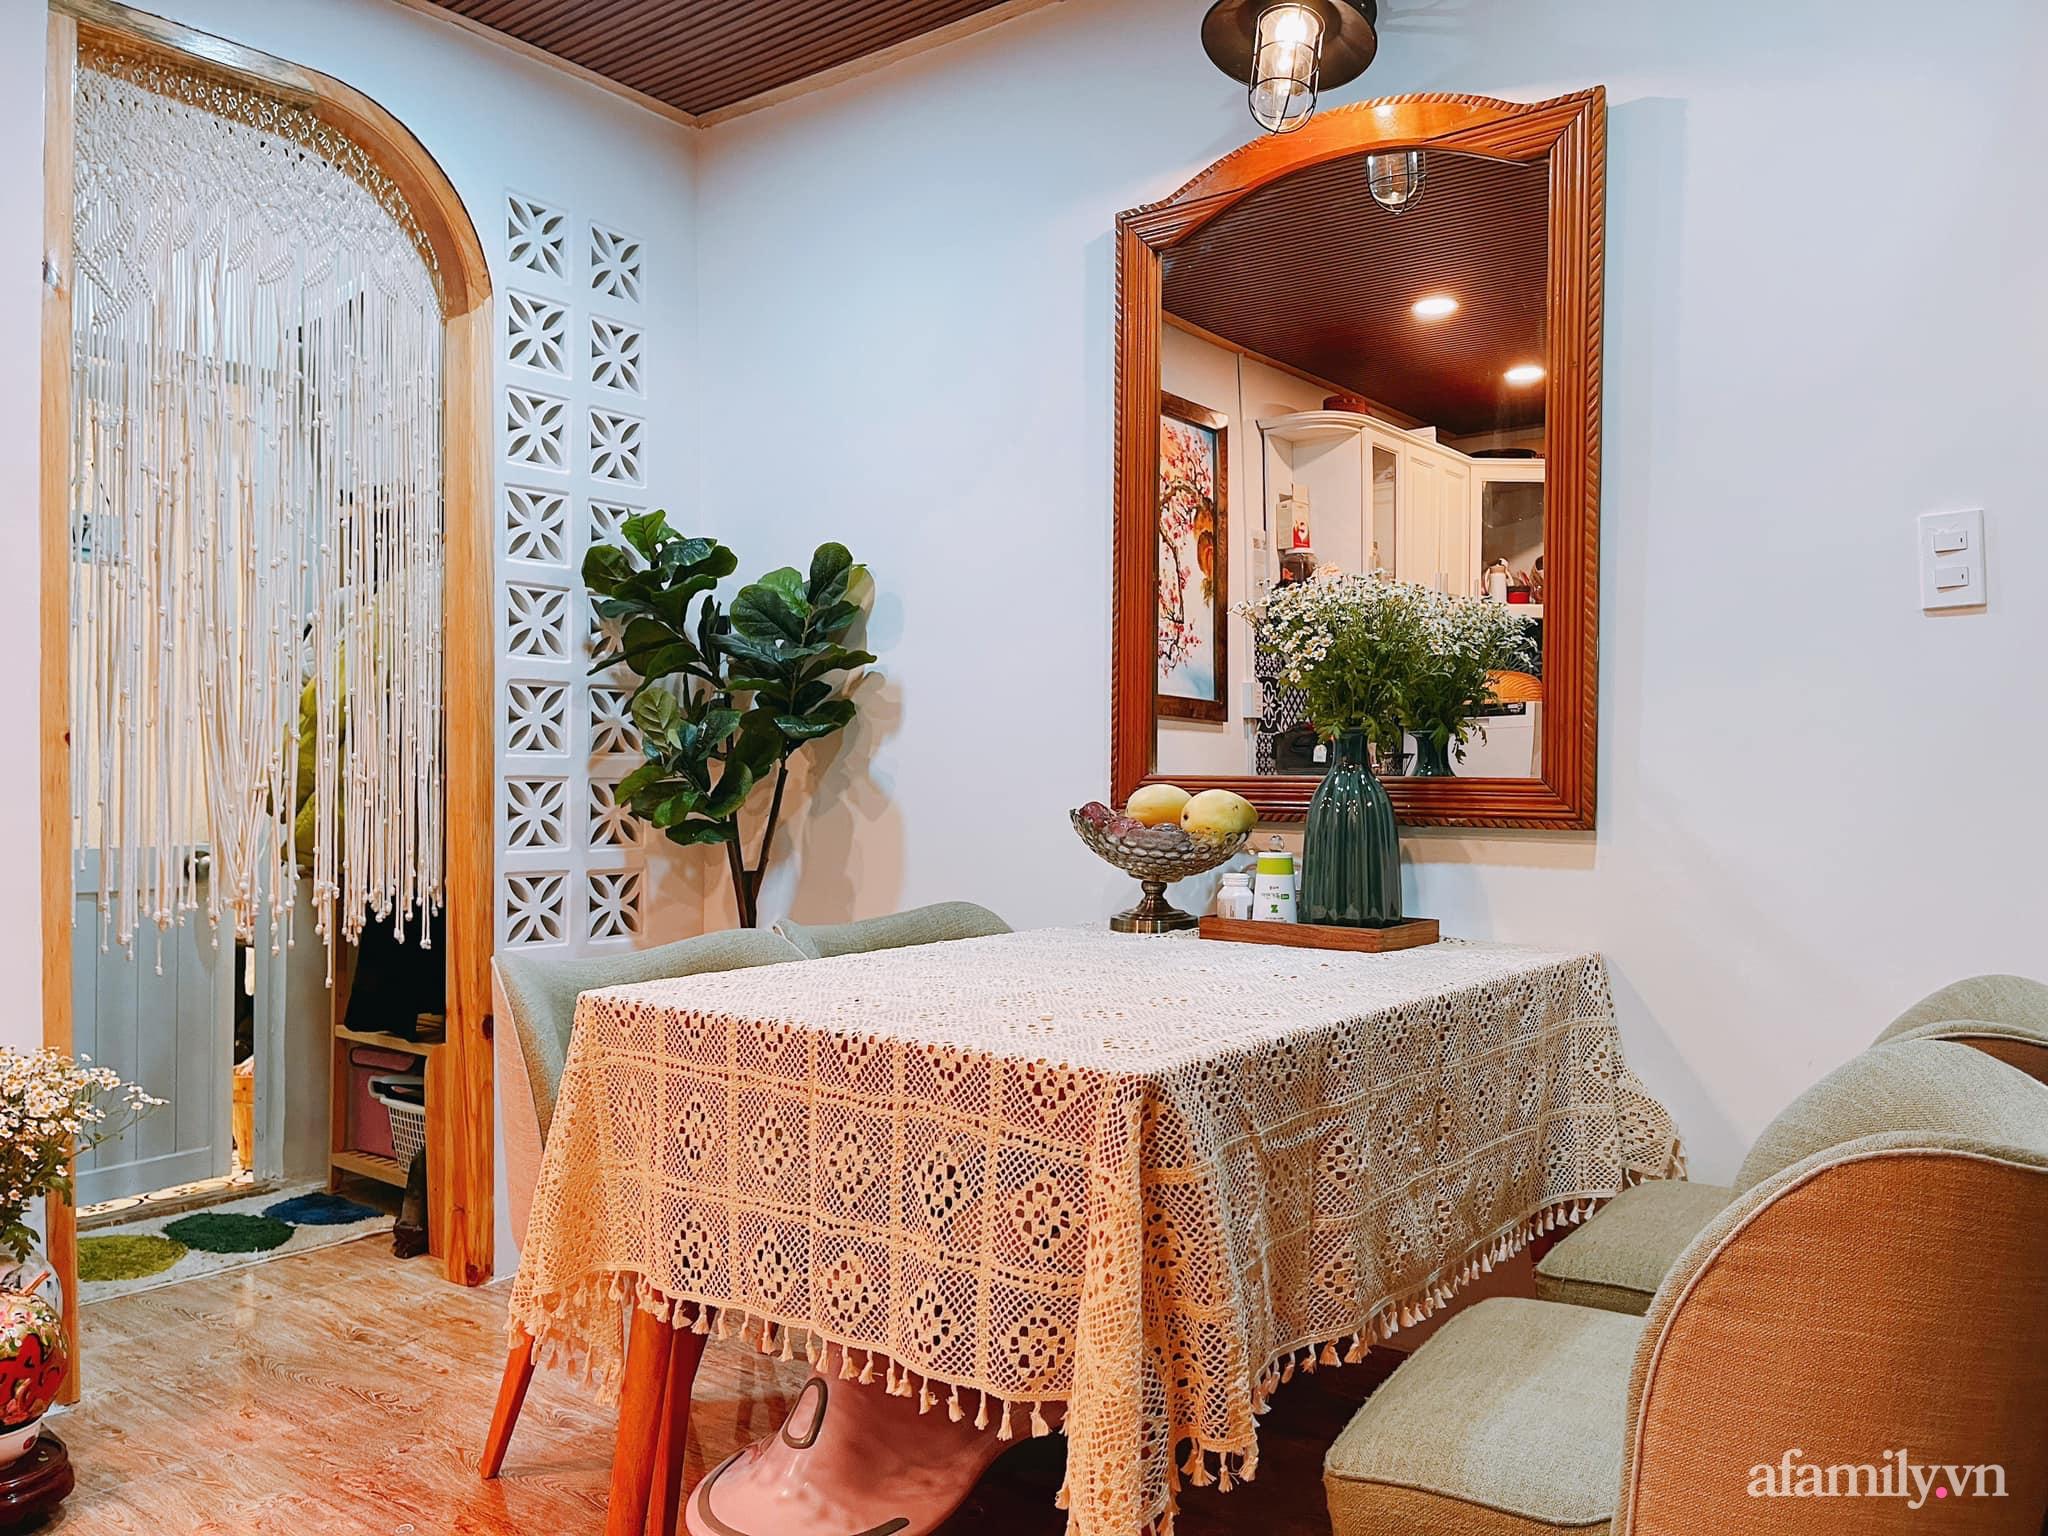 Mua lại căn nhà 63m², cặp vợ chồng trẻ cải tạo thành không gian sống ấm cúng, tiện nghi đủ đường ở Đà Lạt - Ảnh 15.